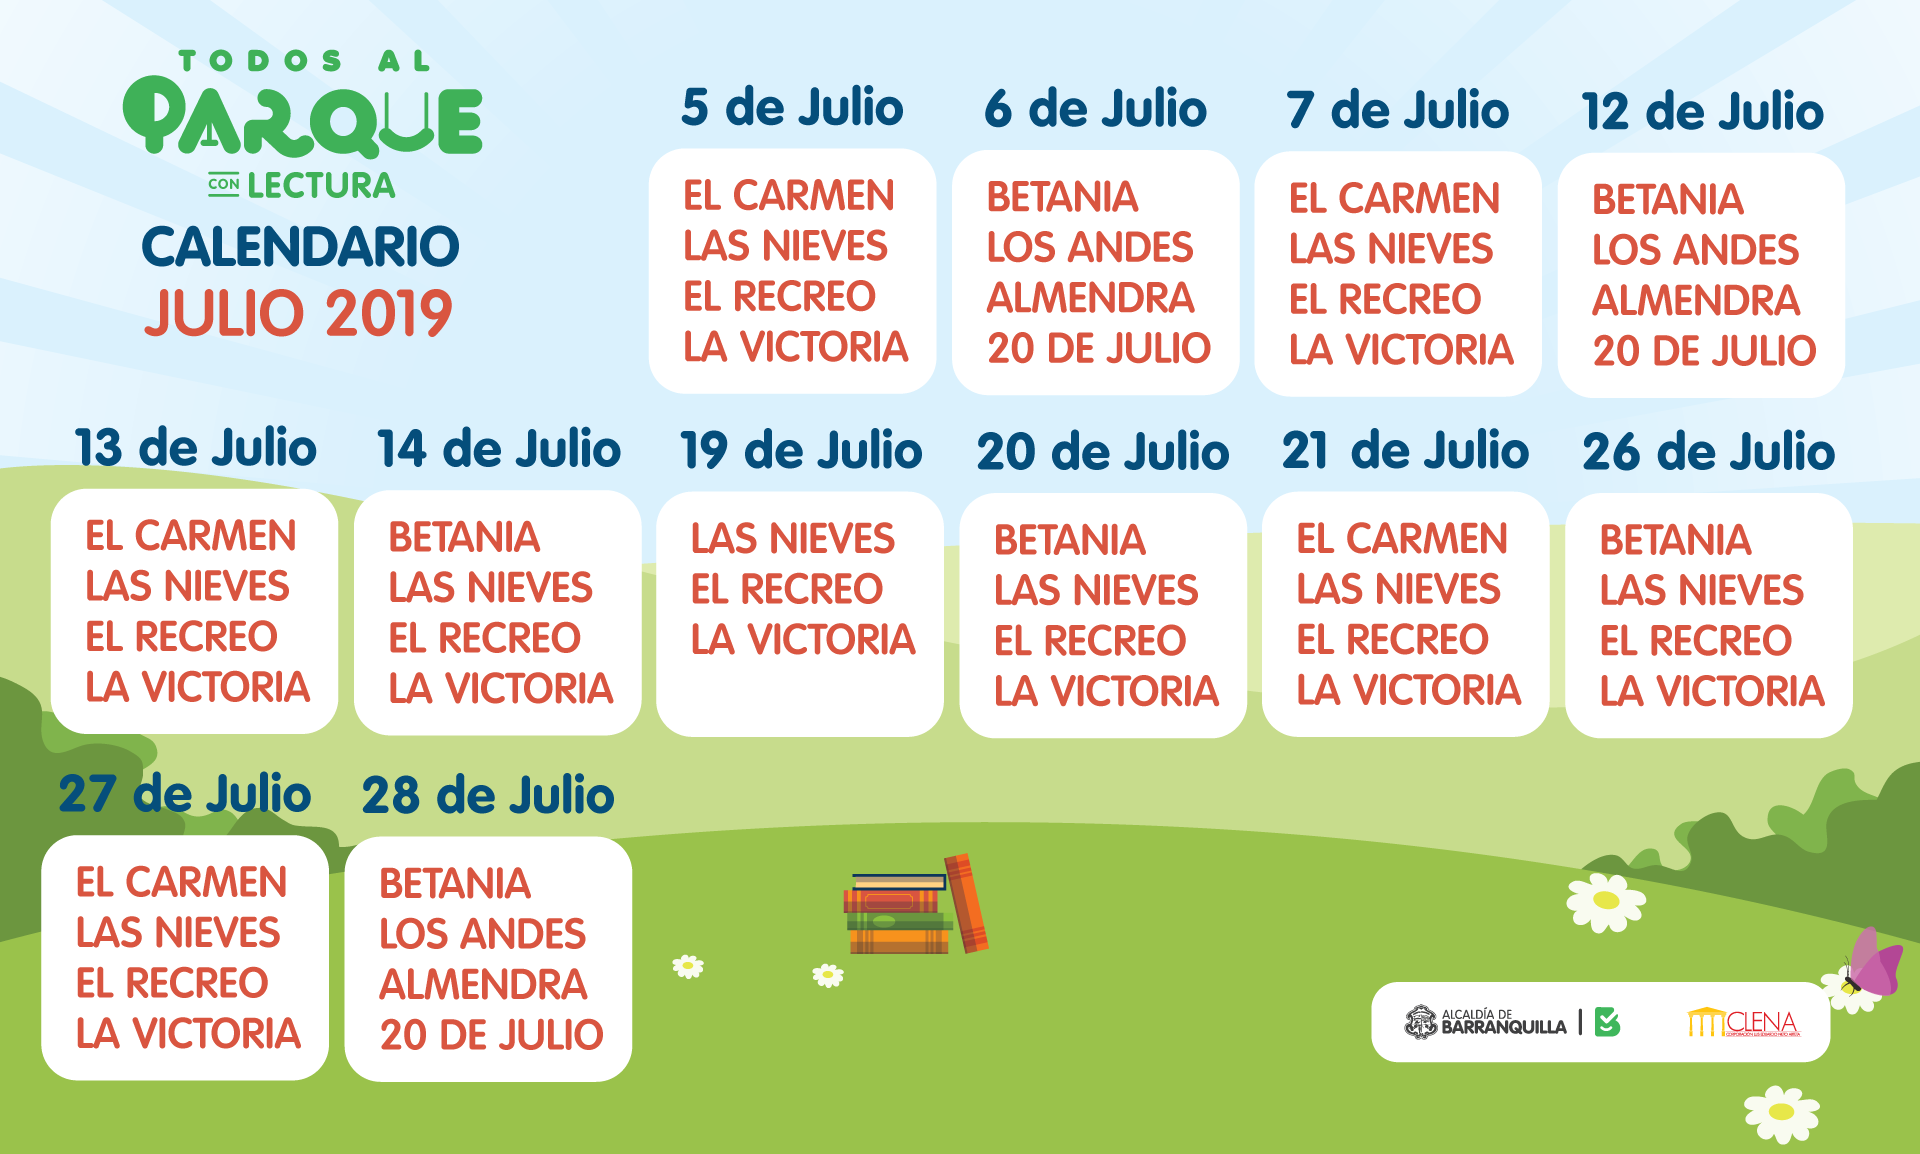 Calendario de Julio - Todos Al Parque Con Lectura